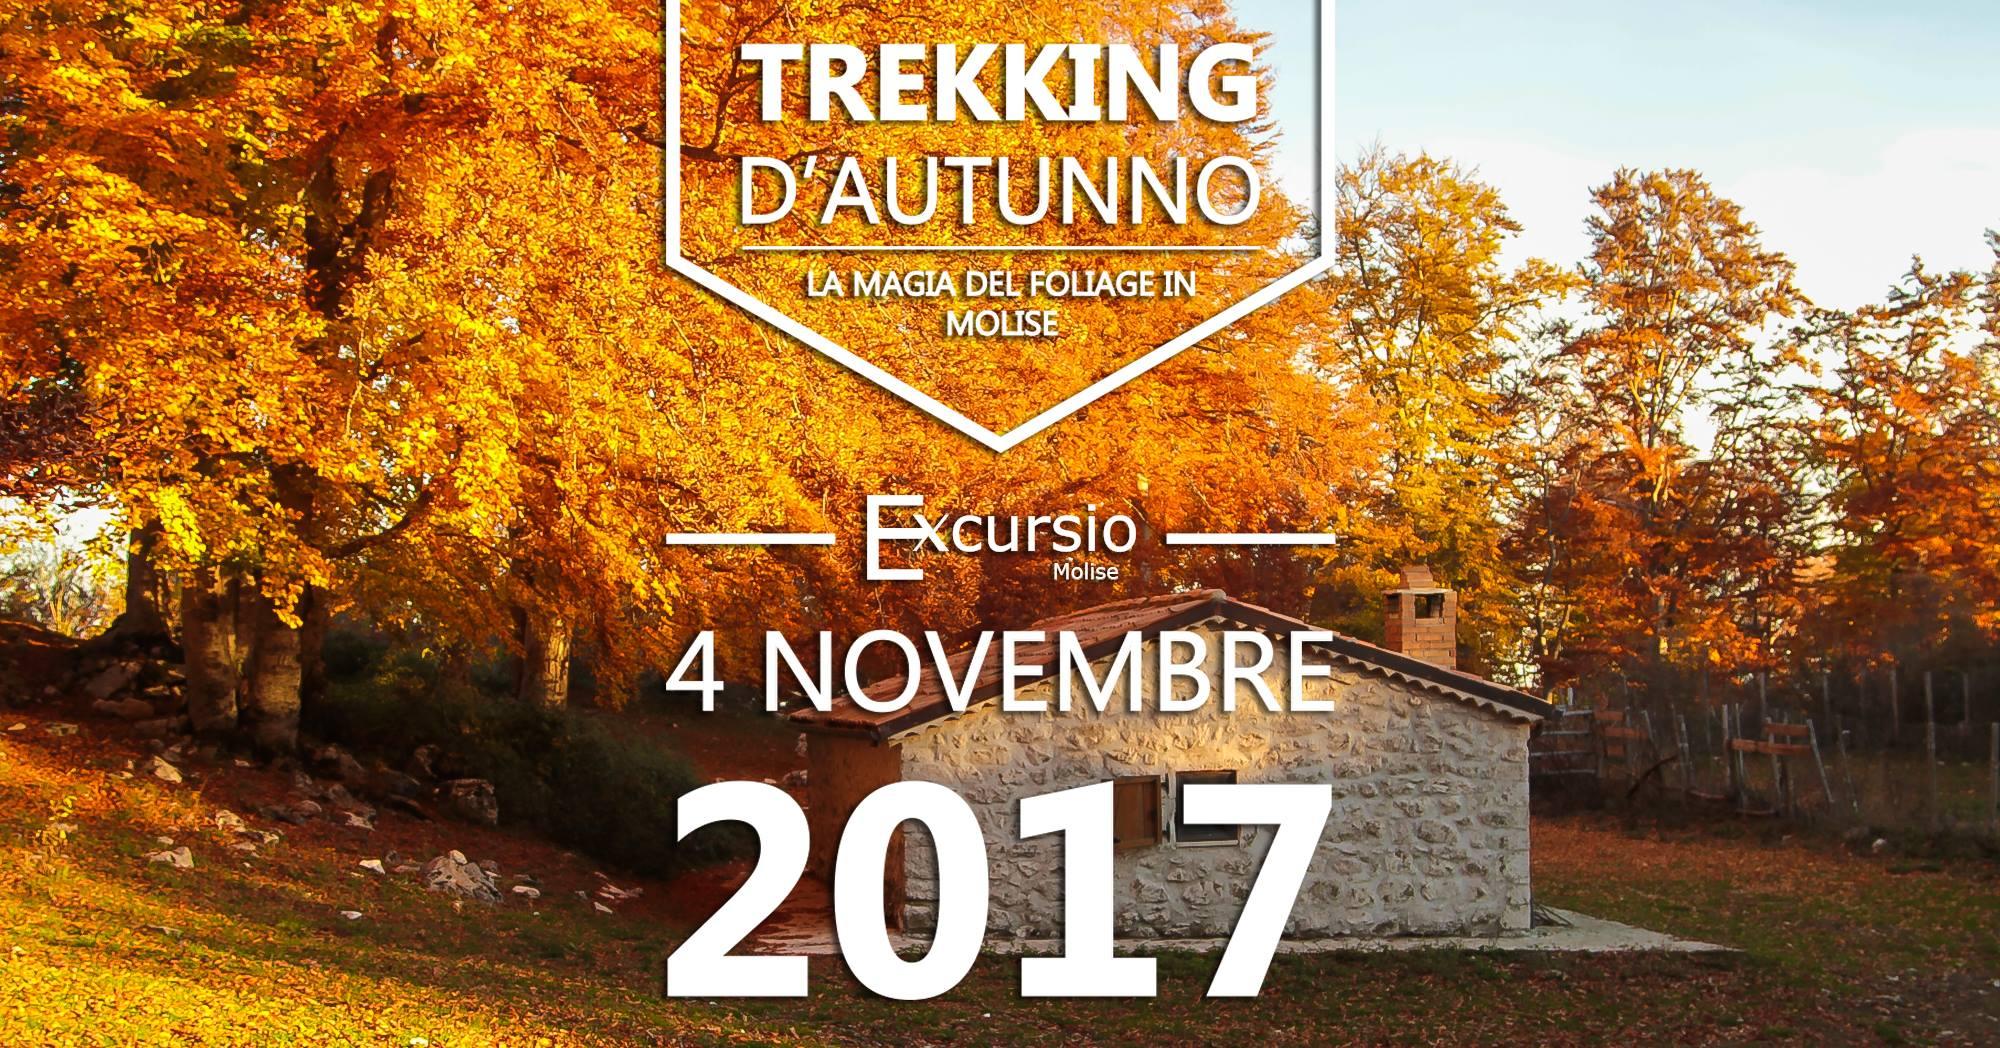 INIZIATIVE – Trekking d'autunno, il 4 novembre appuntamento a Civita